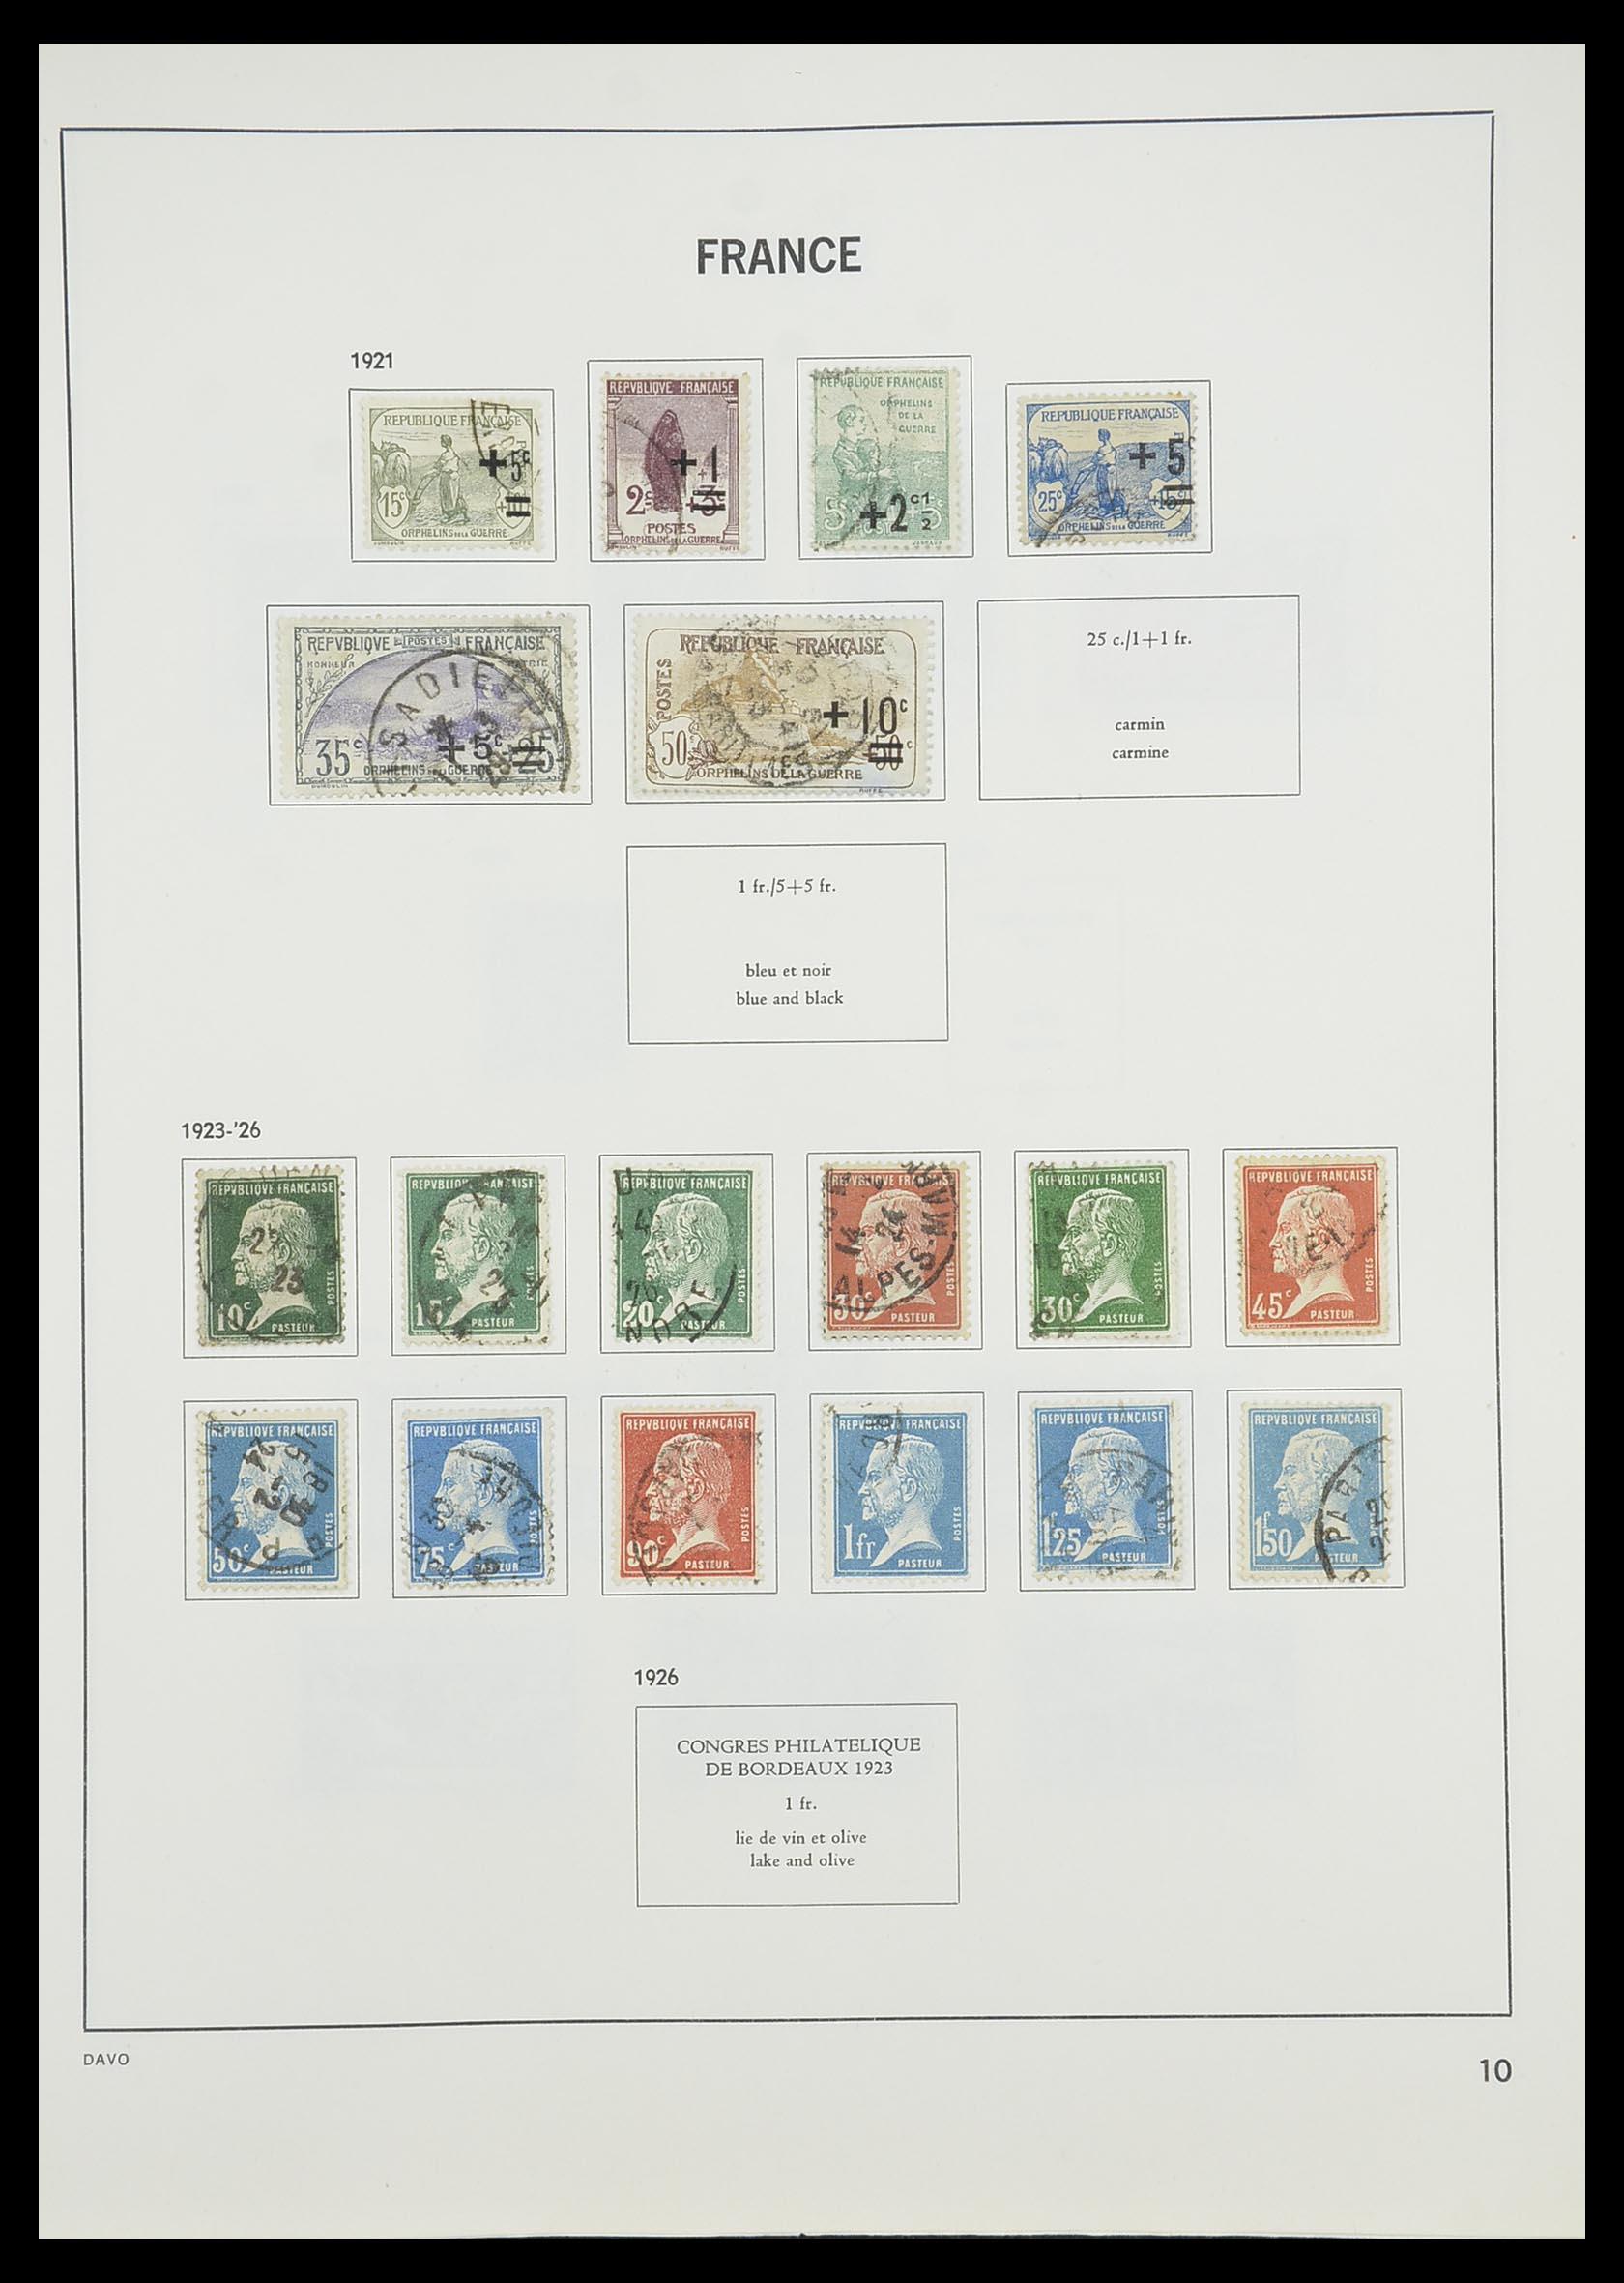 33819 012 - Postzegelverzameling 33819 Frankrijk 1849-1988.